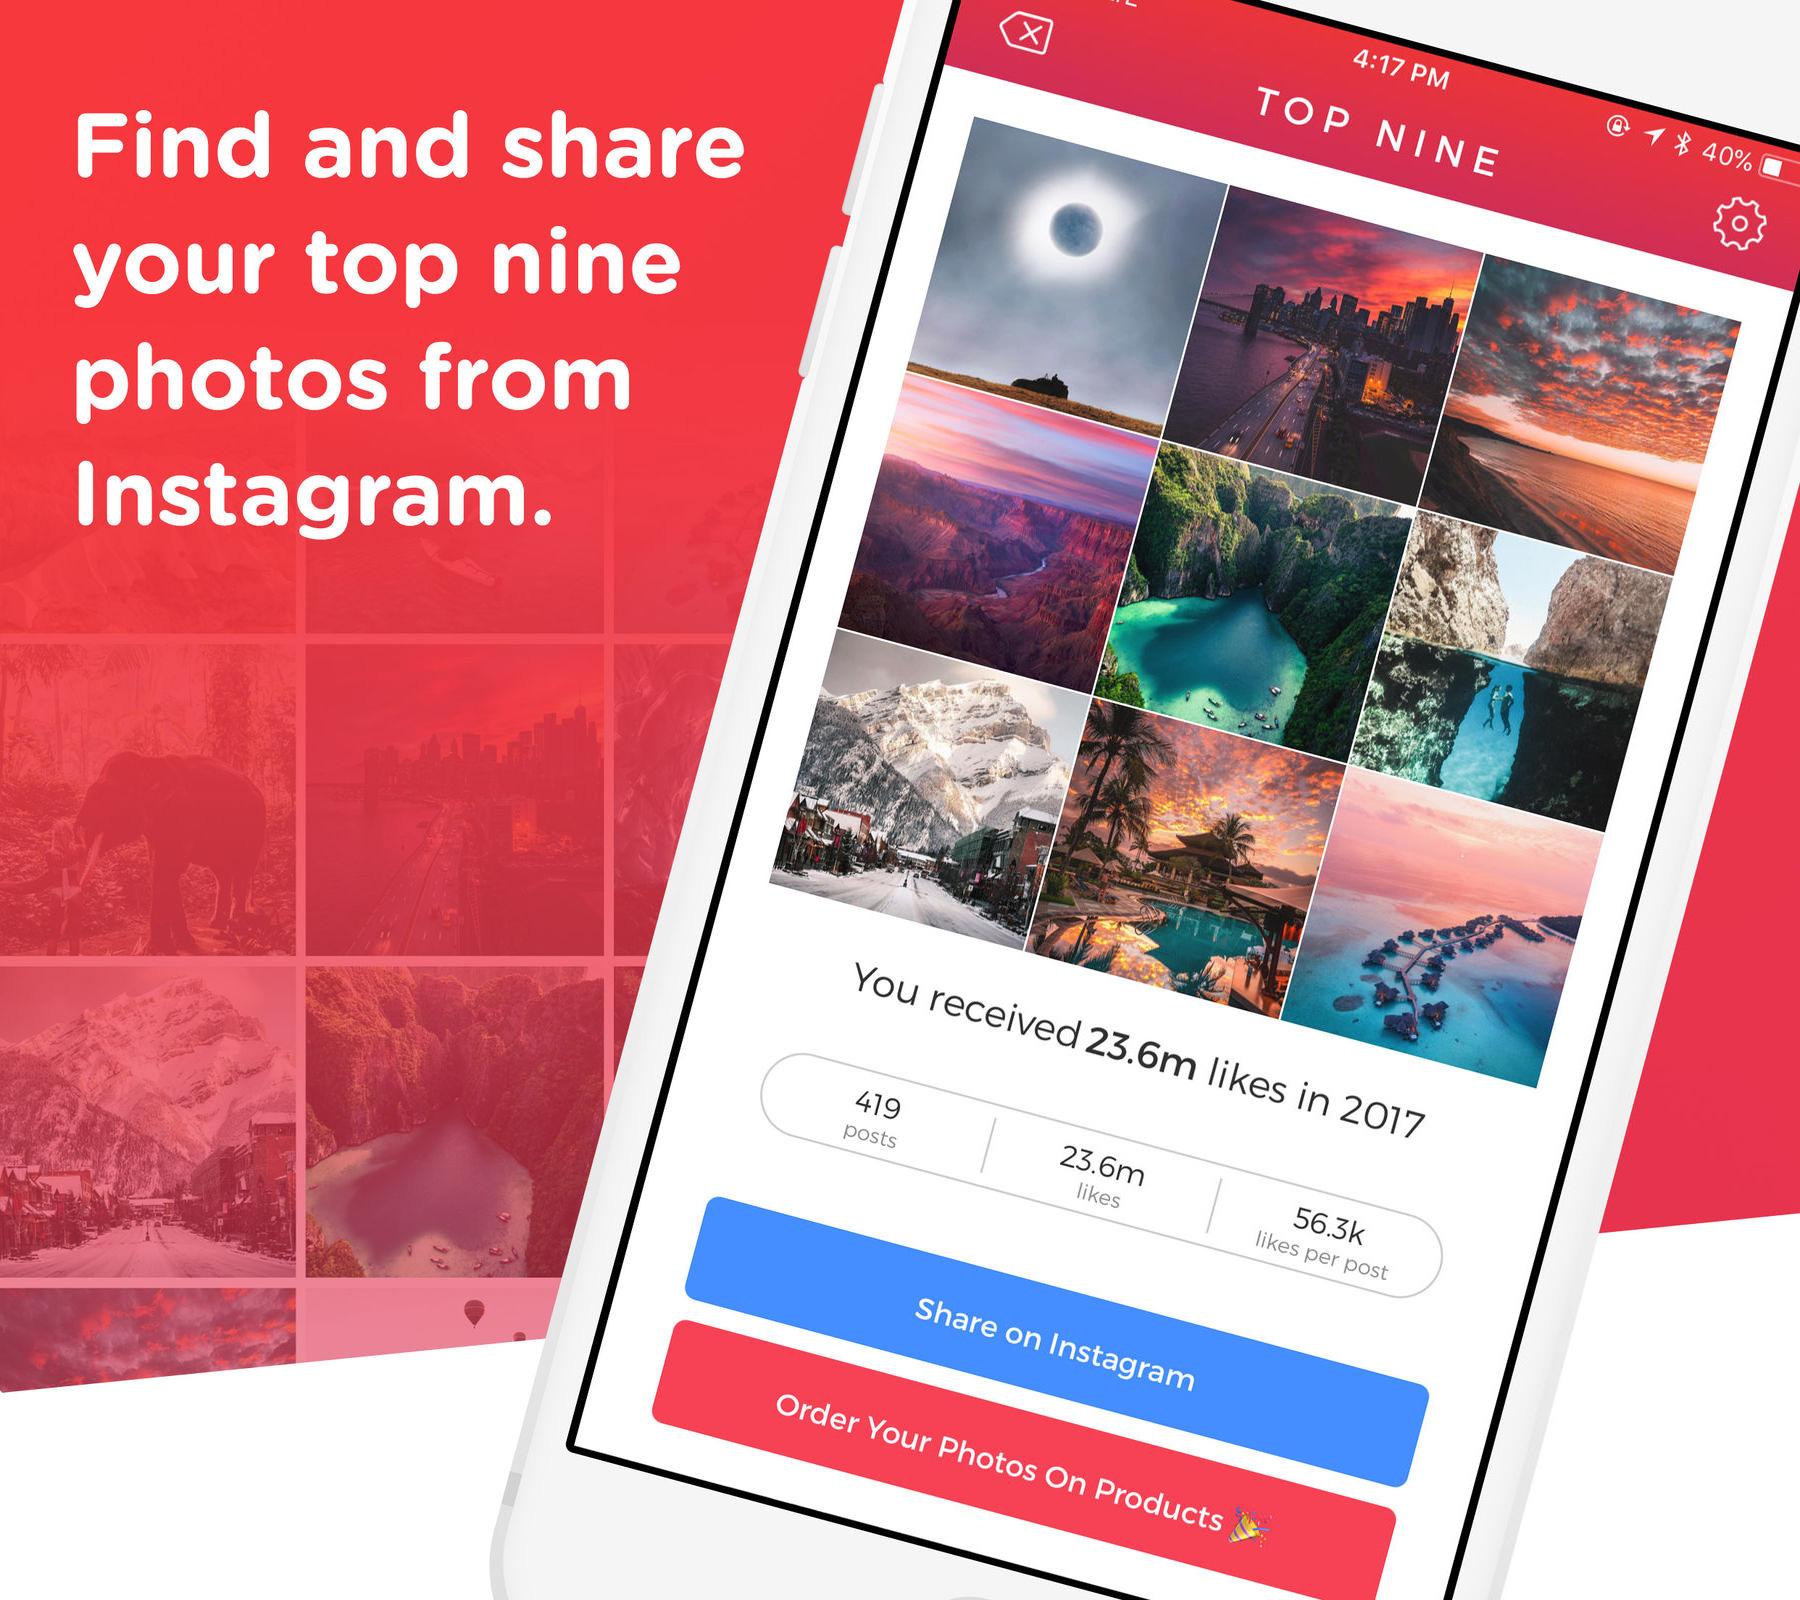 Nueve publicaciones más populares de Instagram: Top Nine